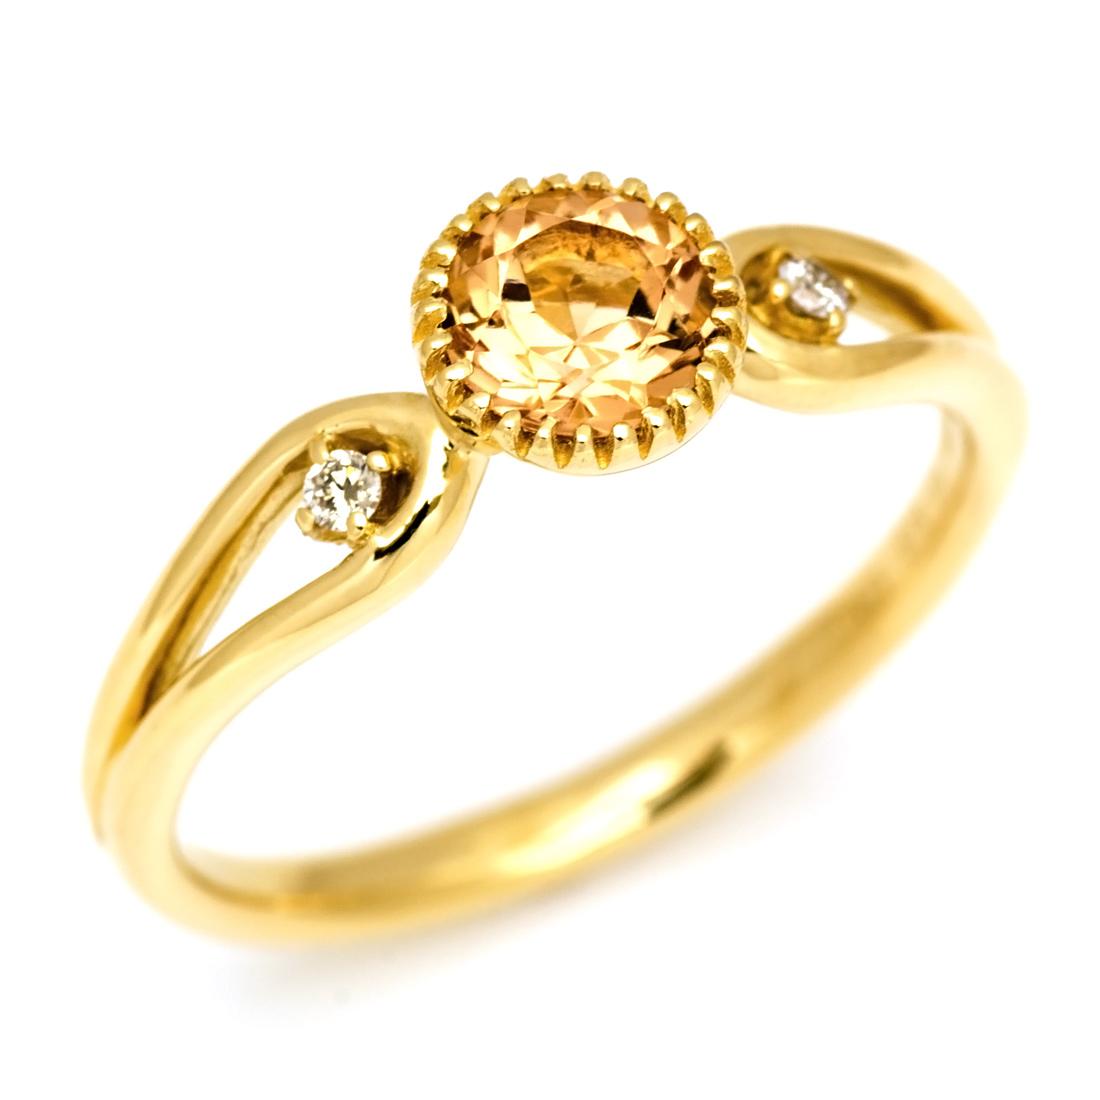 リング インペリアルトパーズ ダイヤモンド ゴールド K18 「amica」